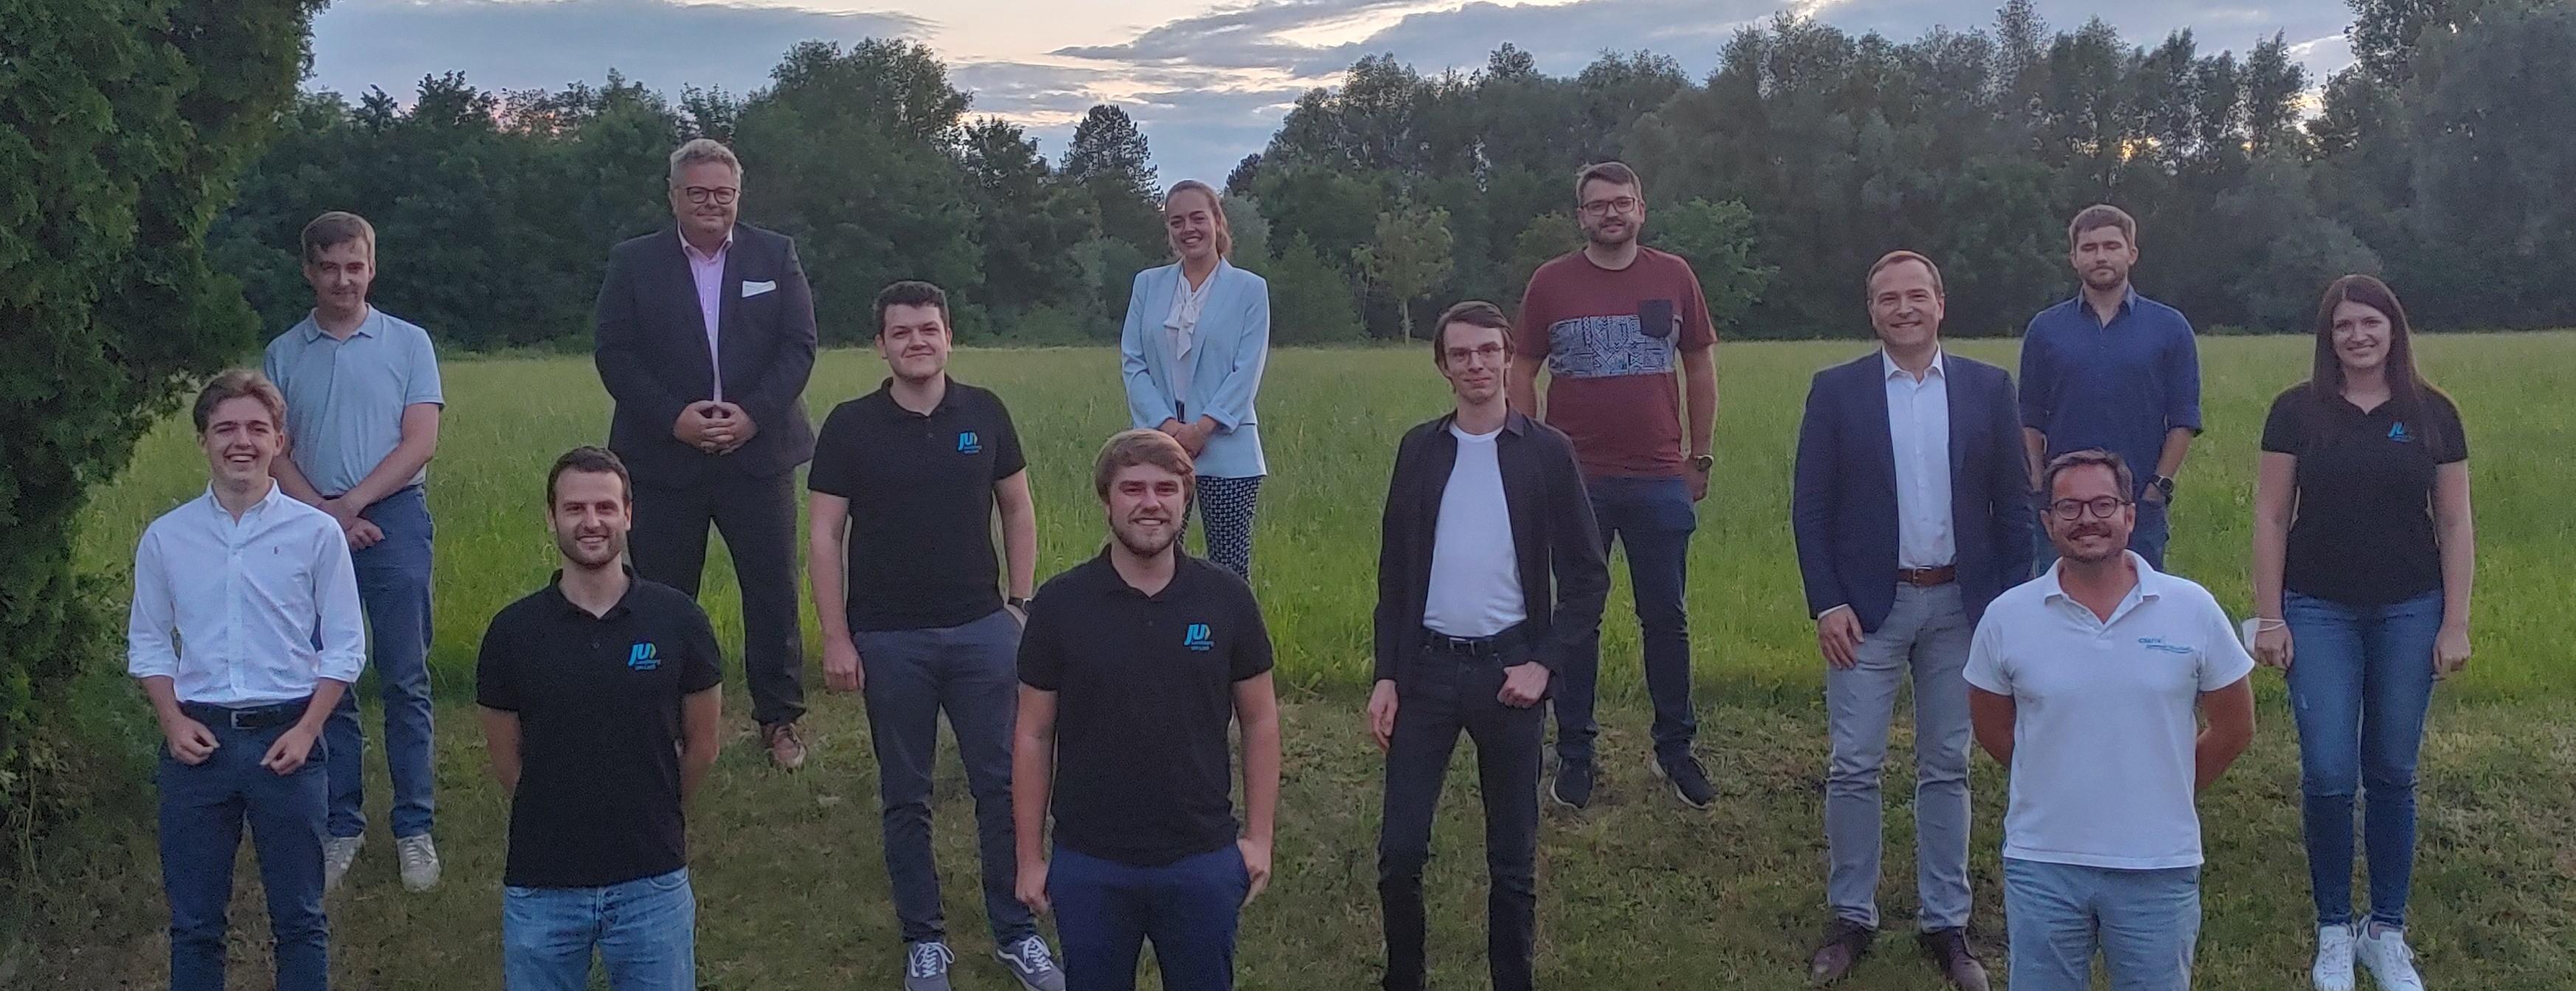 Gruppenfoto nach der Vorstandswahl 2021